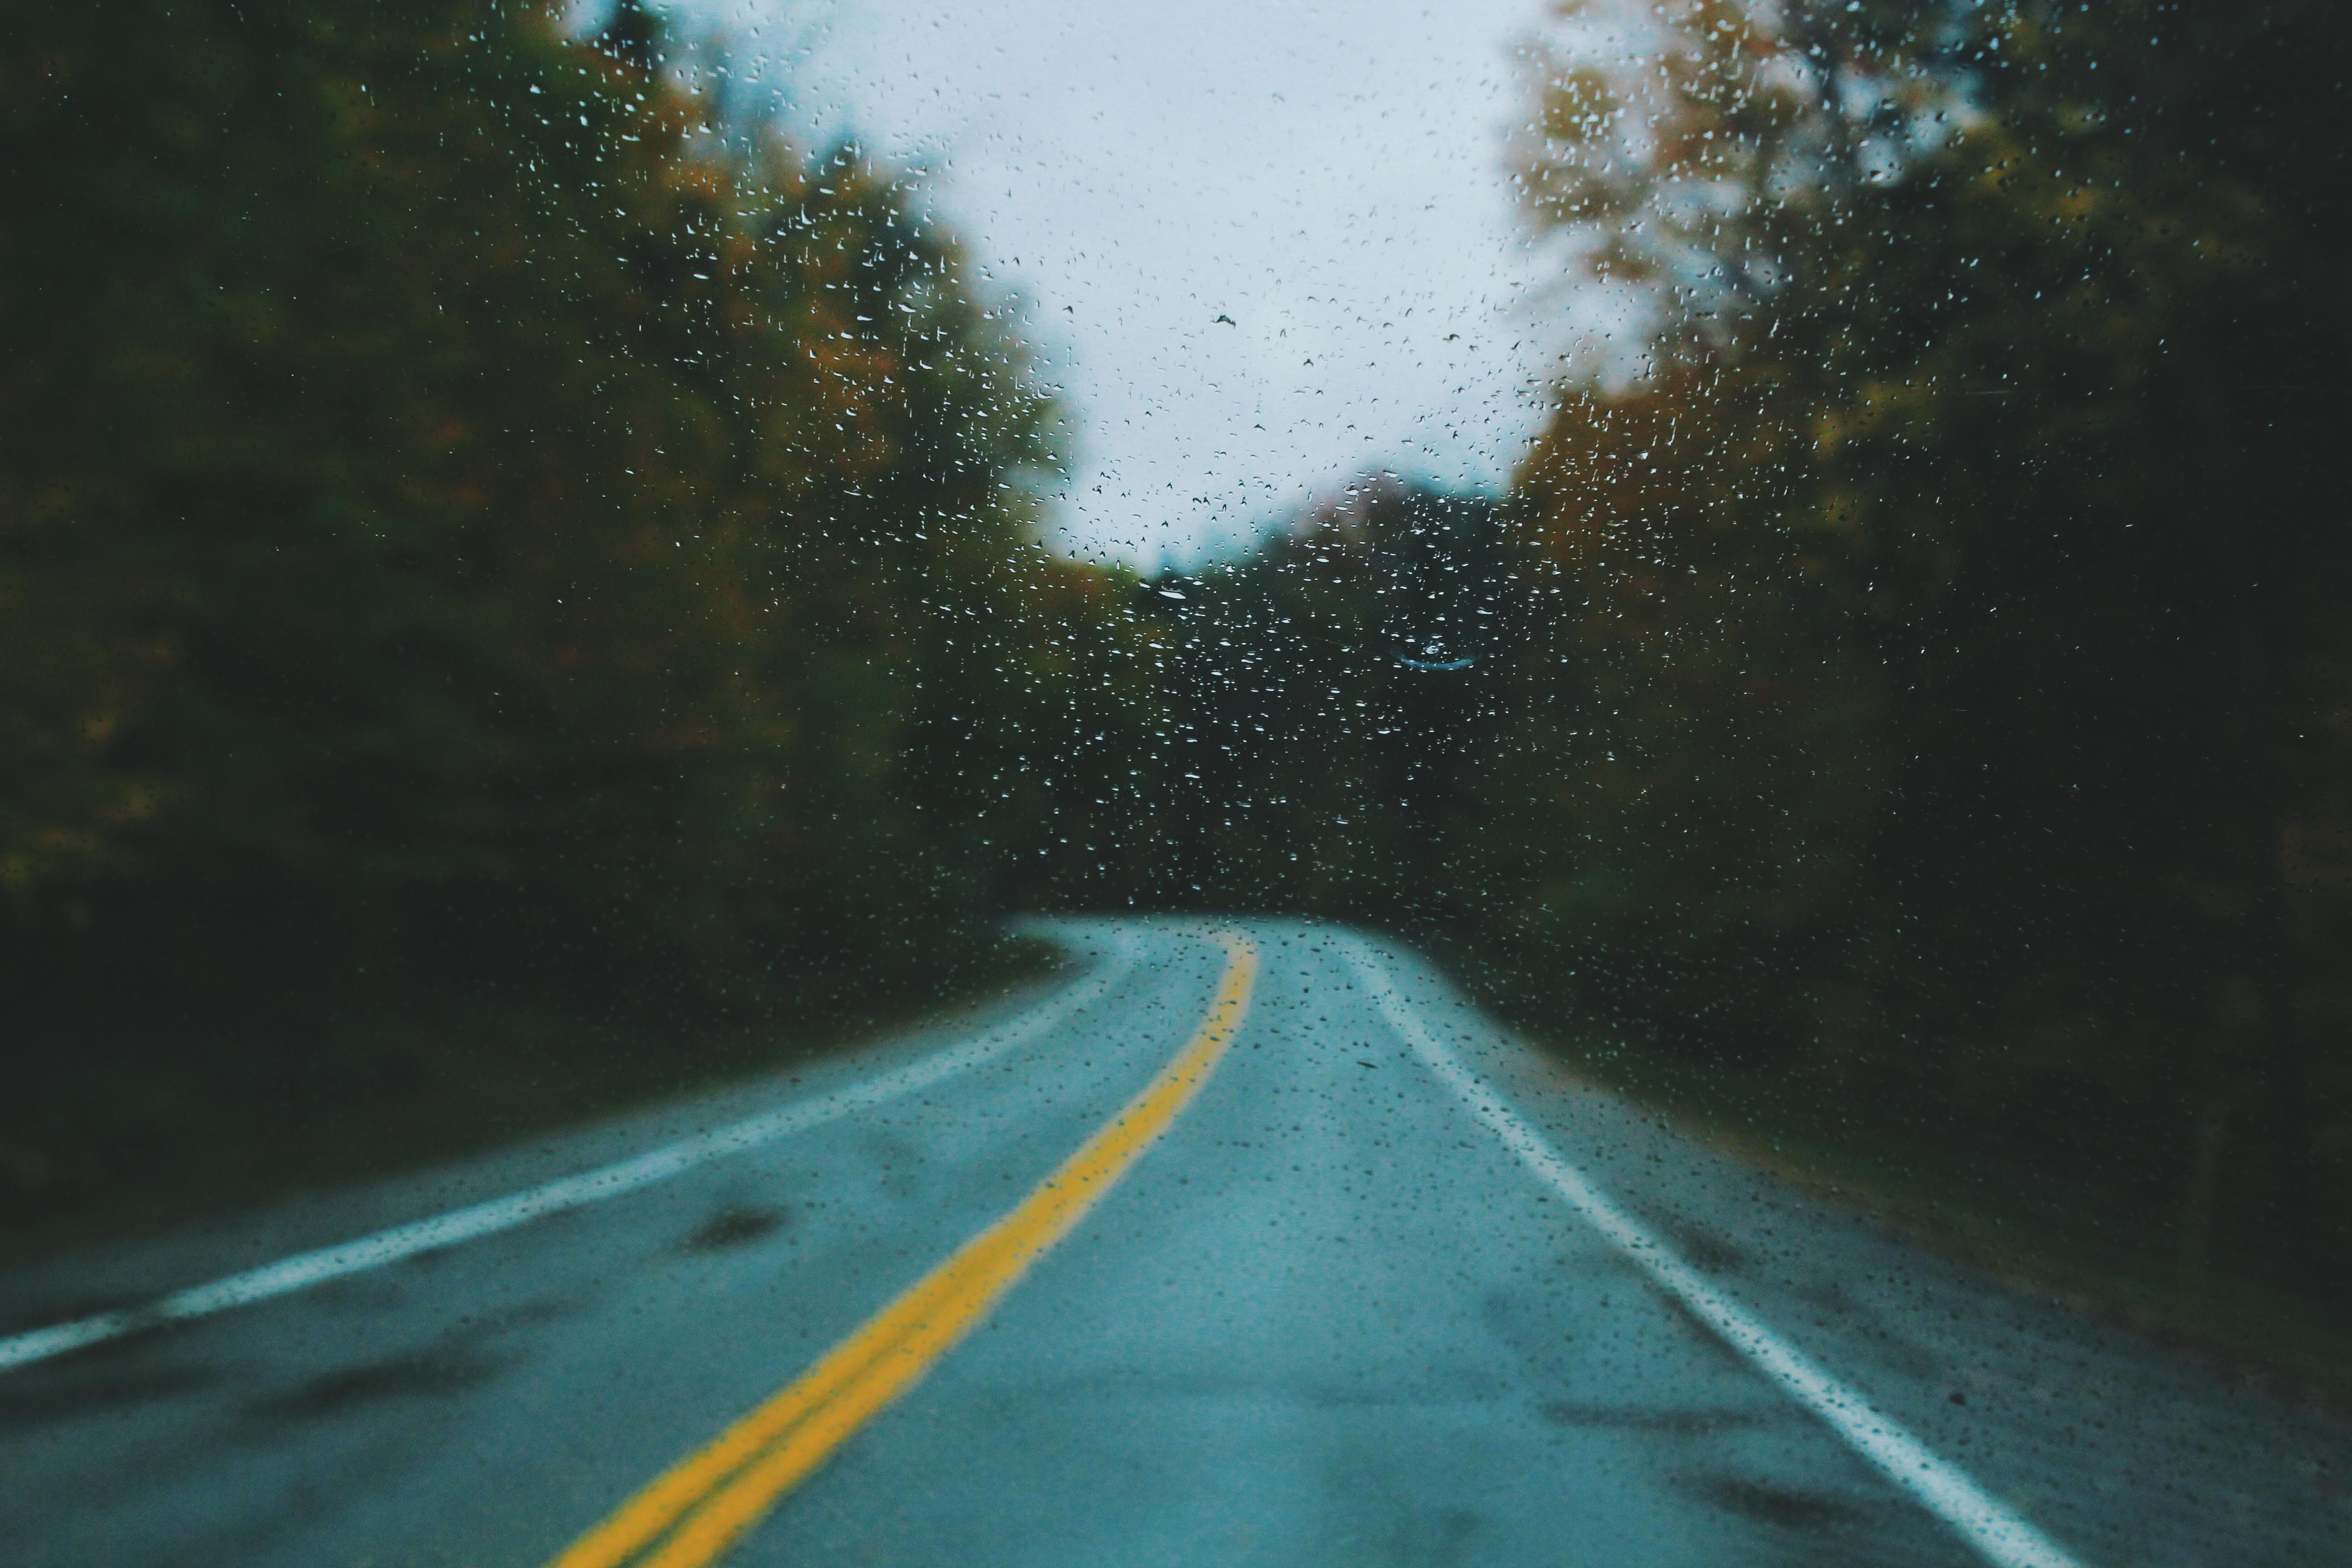 Downpour stories